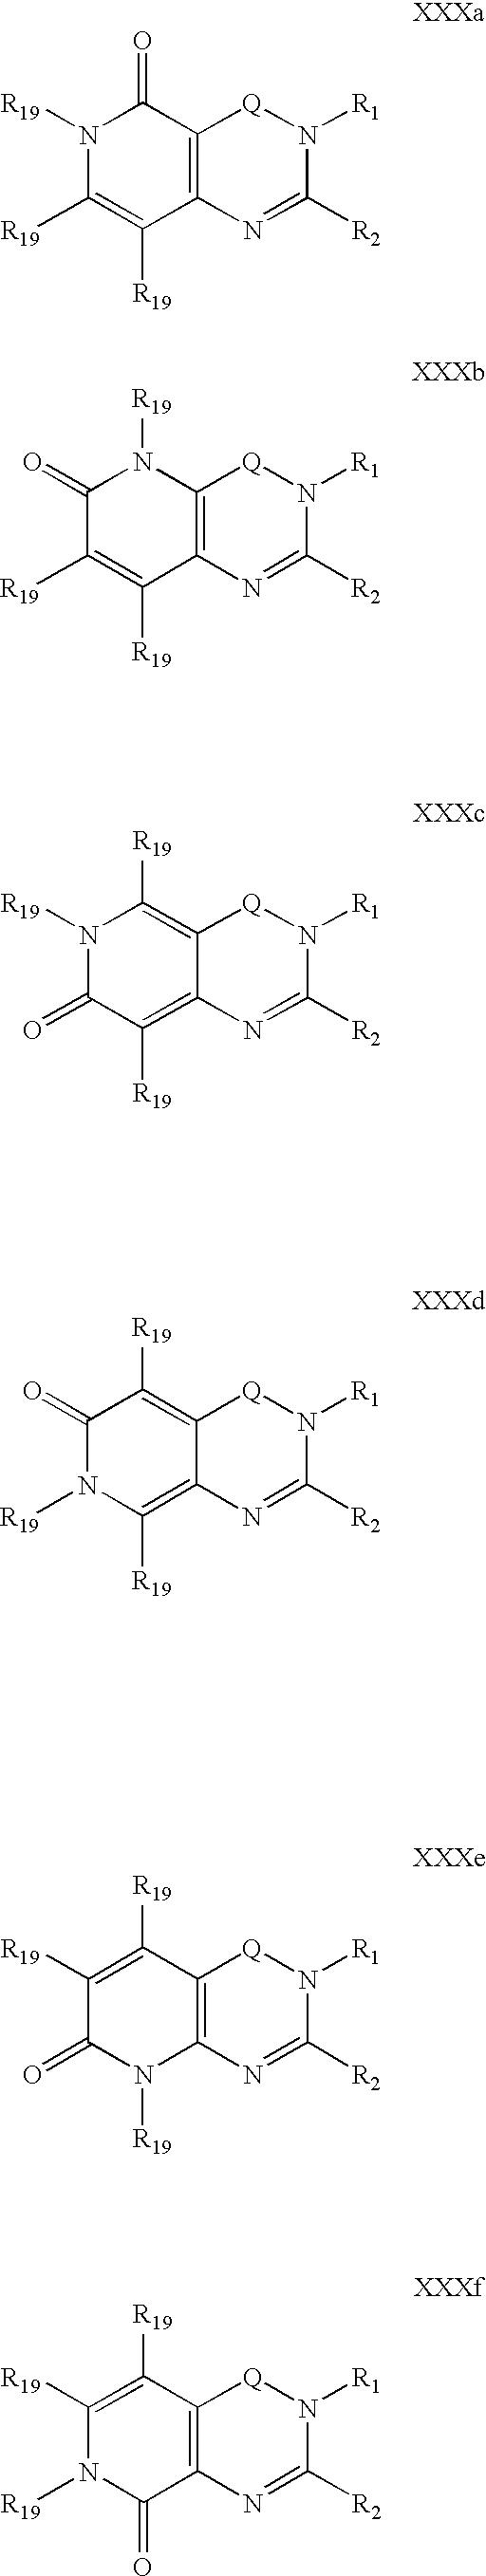 Figure US07687625-20100330-C00031